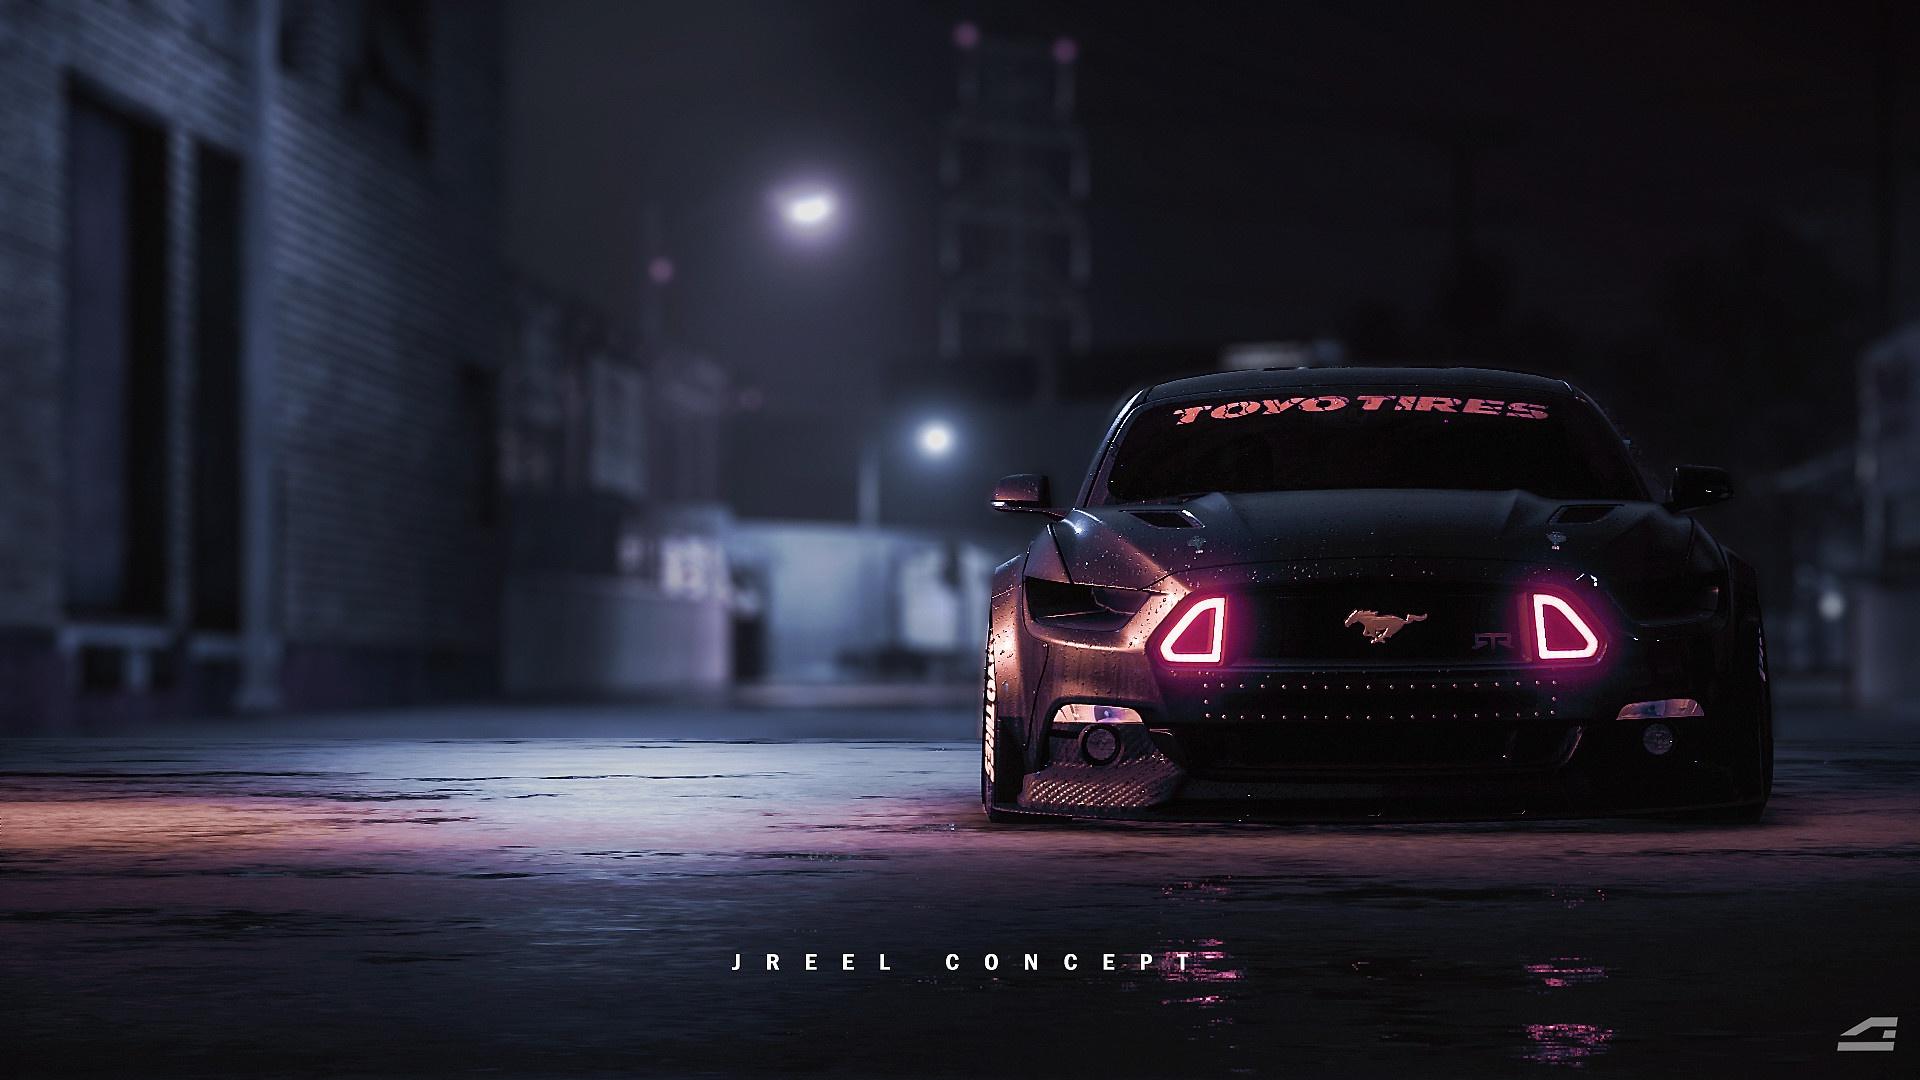 Fondos De Pantalla Oscuro Coche Vehiculo Vado Ford Mustang 1920x1080 Wallpapermaniac 1458511 Fondos De Pantalla Wallhere